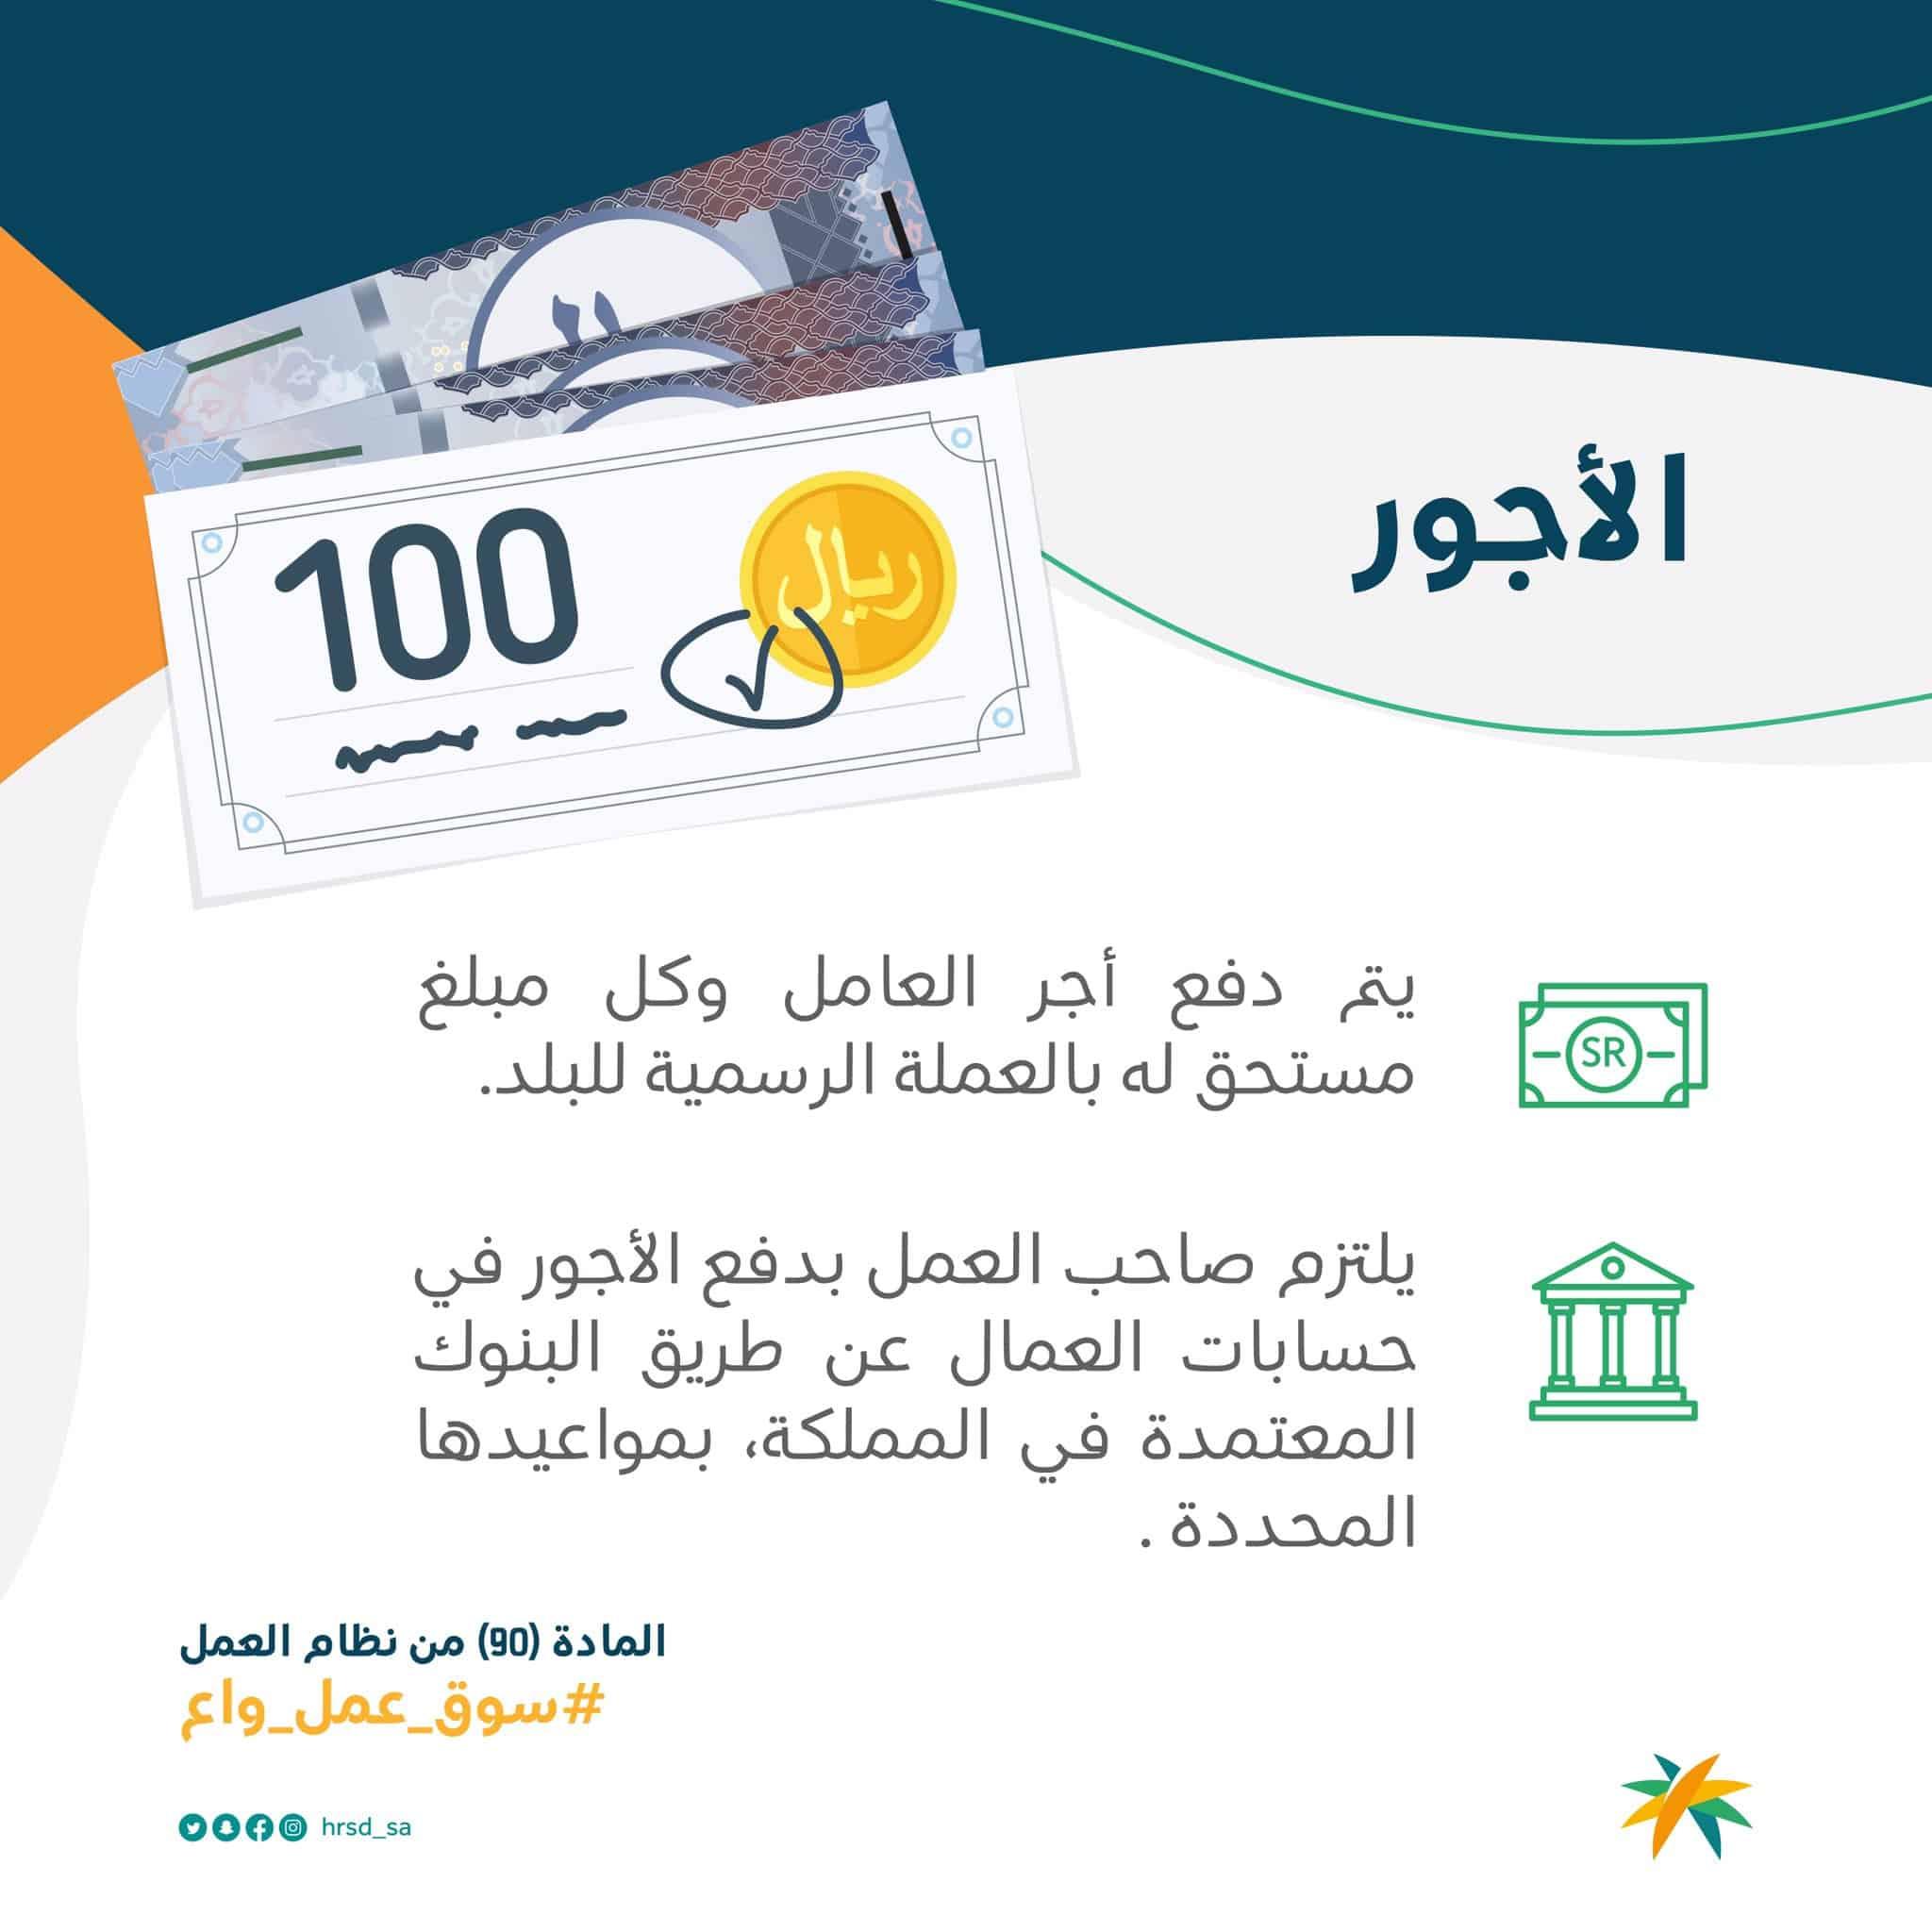 تفاصيل تعديلات نظام العمل السعودي المرتقبة وأنواع الإجازات ومدة كل نوع